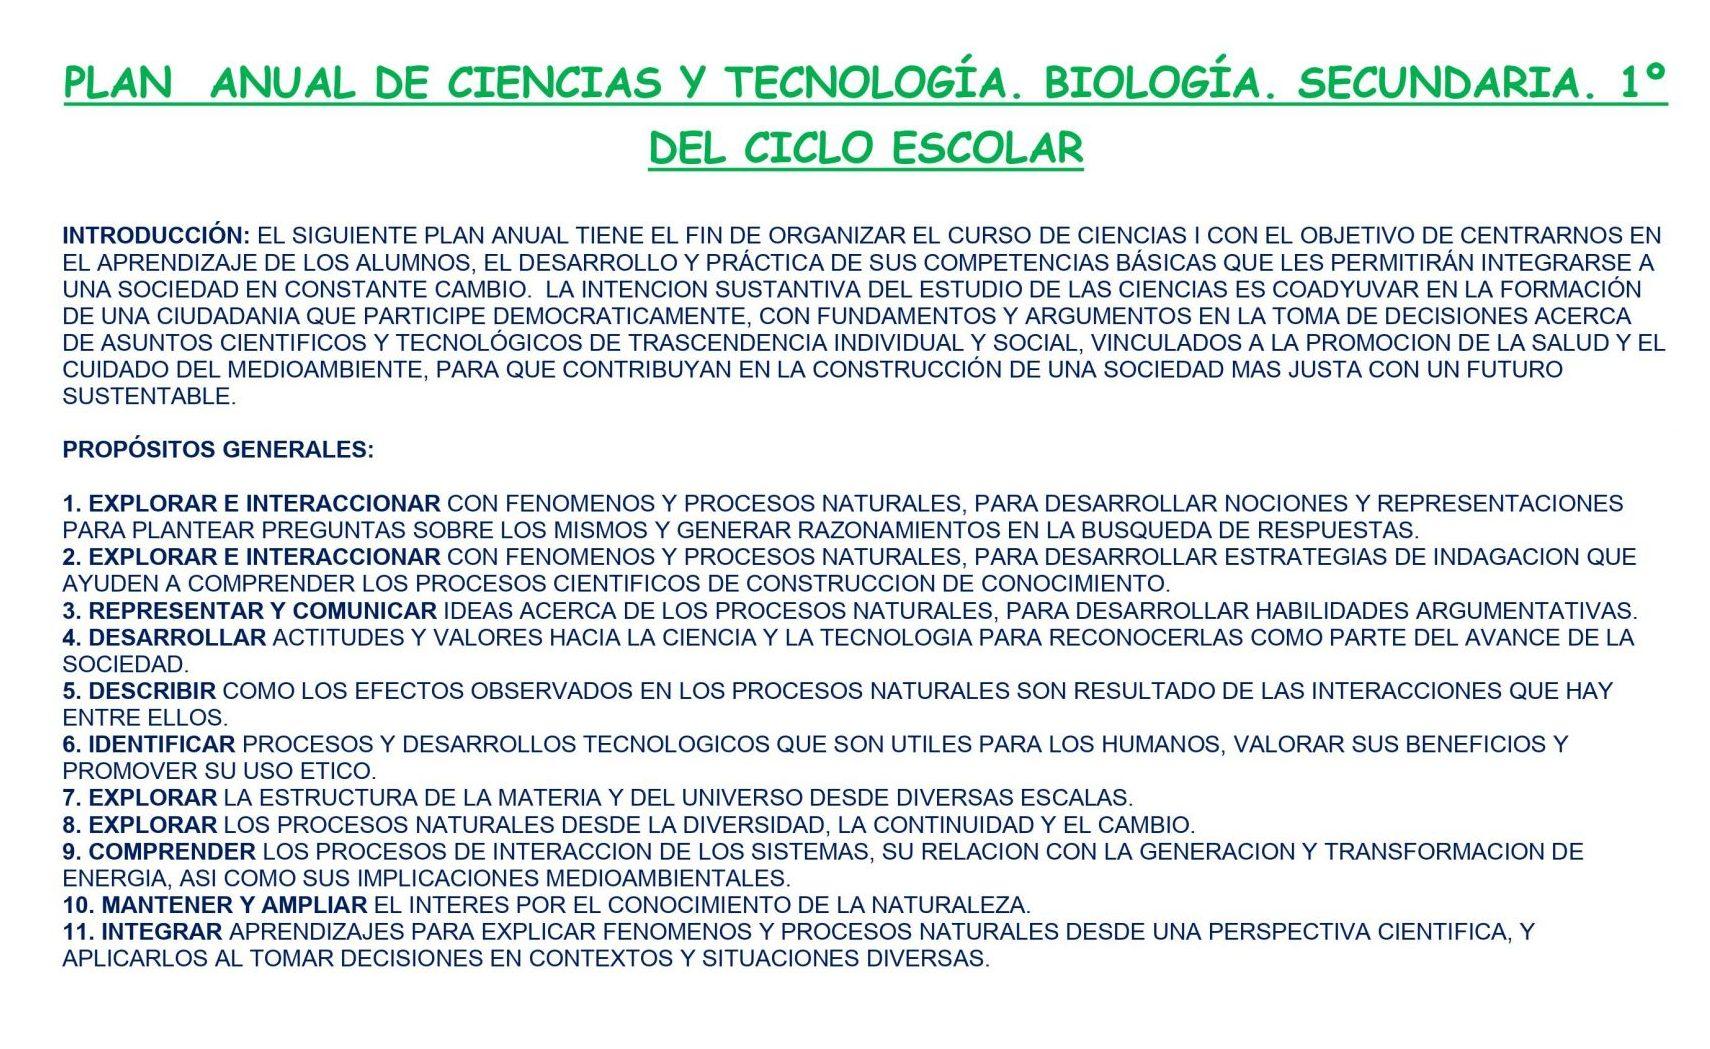 Dosificacón de Biologia Secundaria (Los 3 Trimestres) 01